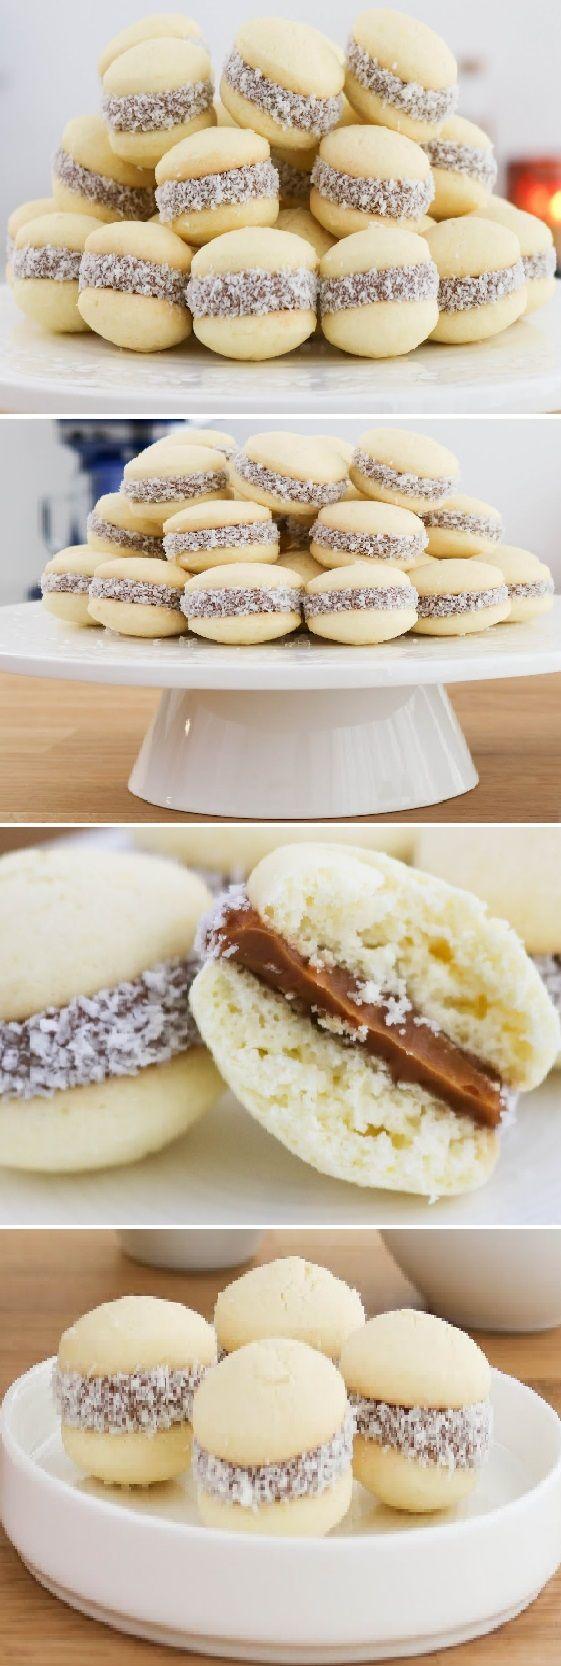 Lo mejor de todos Alfajorcitos de Maicena es de mi Madre. #alfajorcitos #alfajores #alfajor #maicena #dulcedeleche #coco #coconut #dulces #pan #panfrances #pantone #panes #pantone #pan #receta #recipe #casero #torta #tartas #pastel #nestlecocina #bizcocho #bizcochuelo #tasty #cocina #chocolate Si te gusta dinos HOLA y dale a Me Gusta...